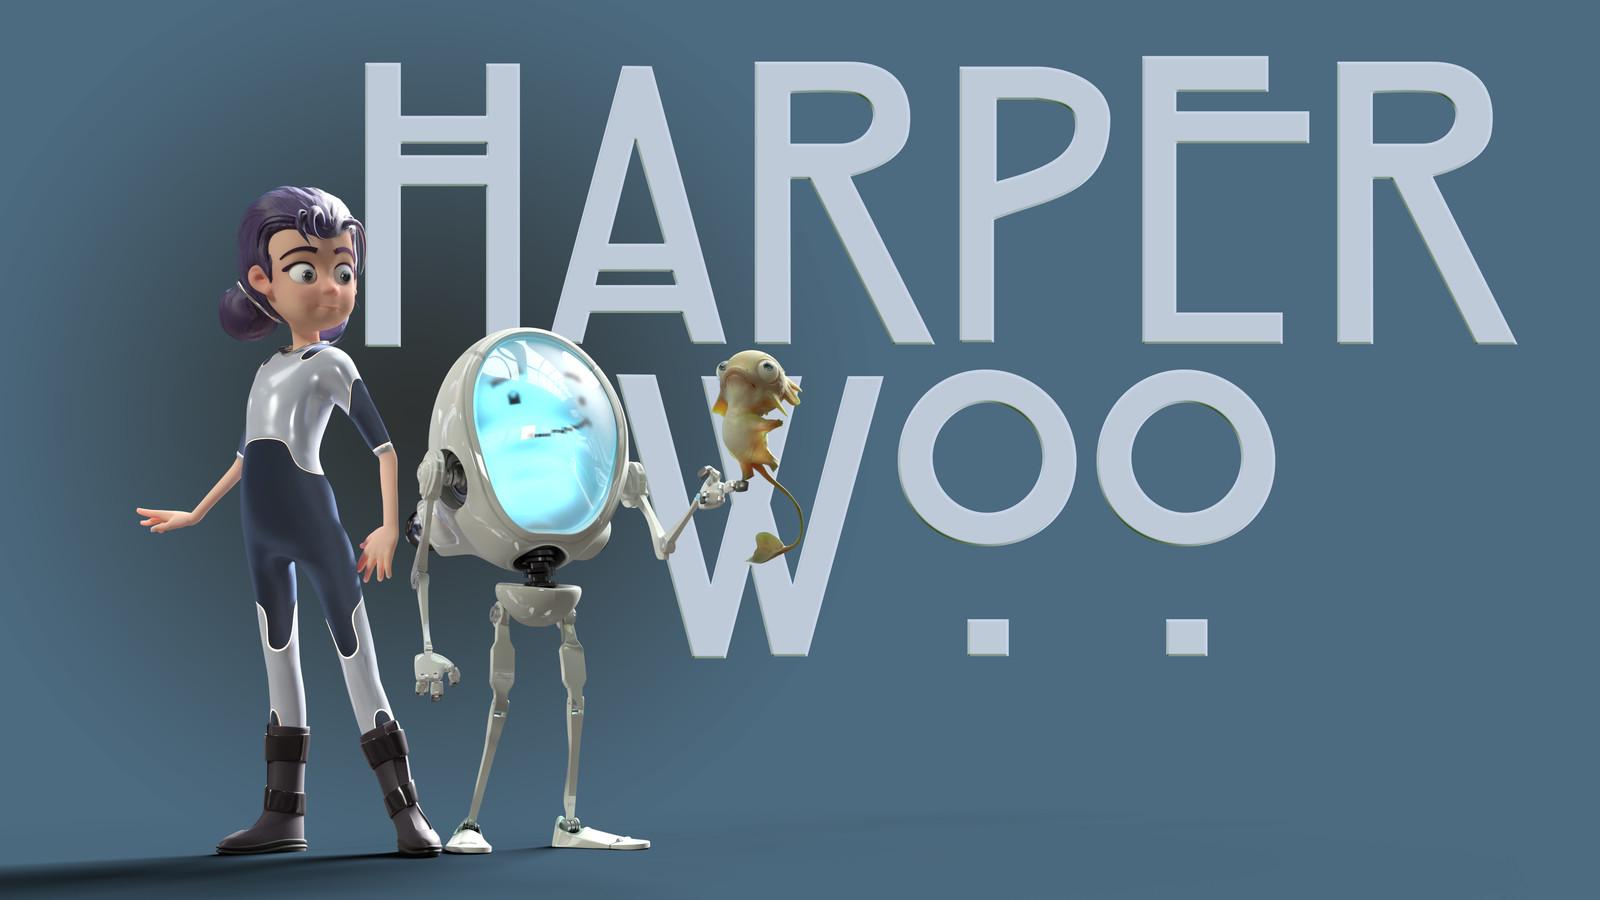 Harper title